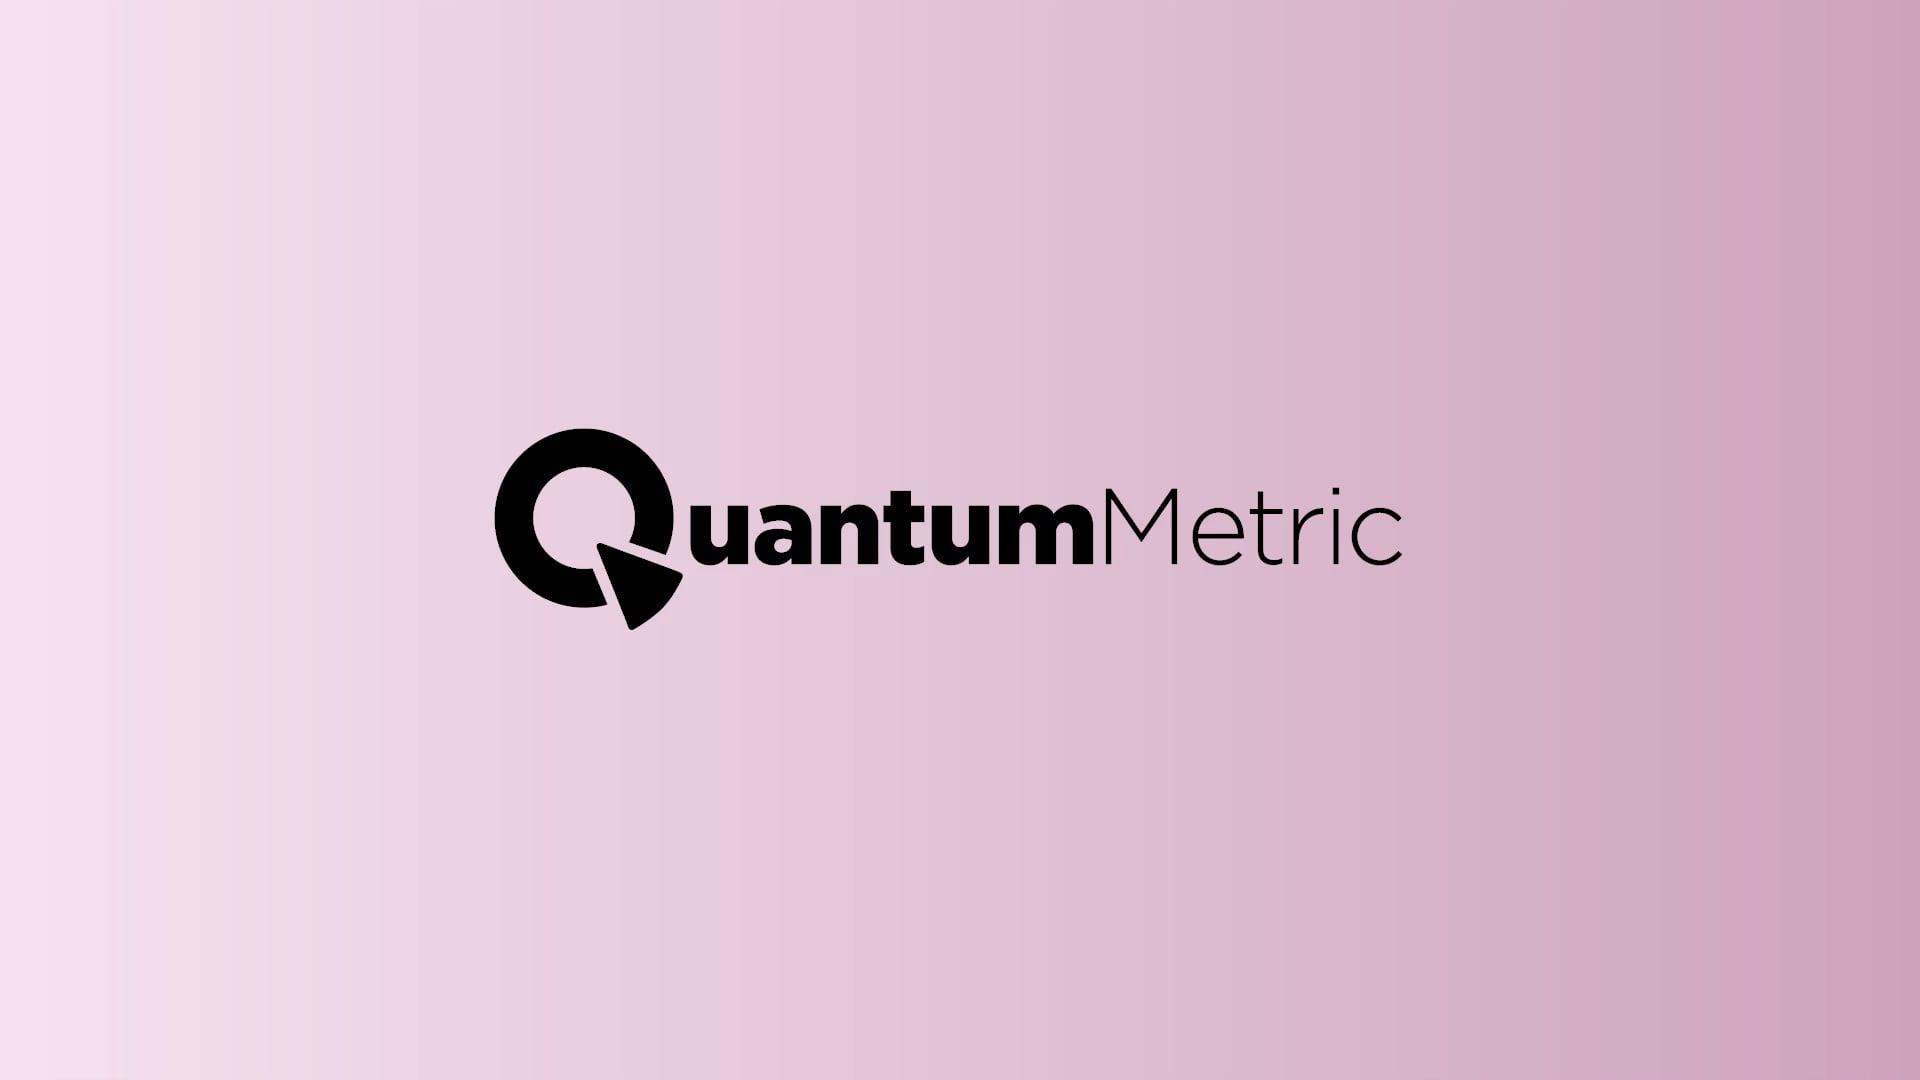 Quantum Metric - Live Action Explainer